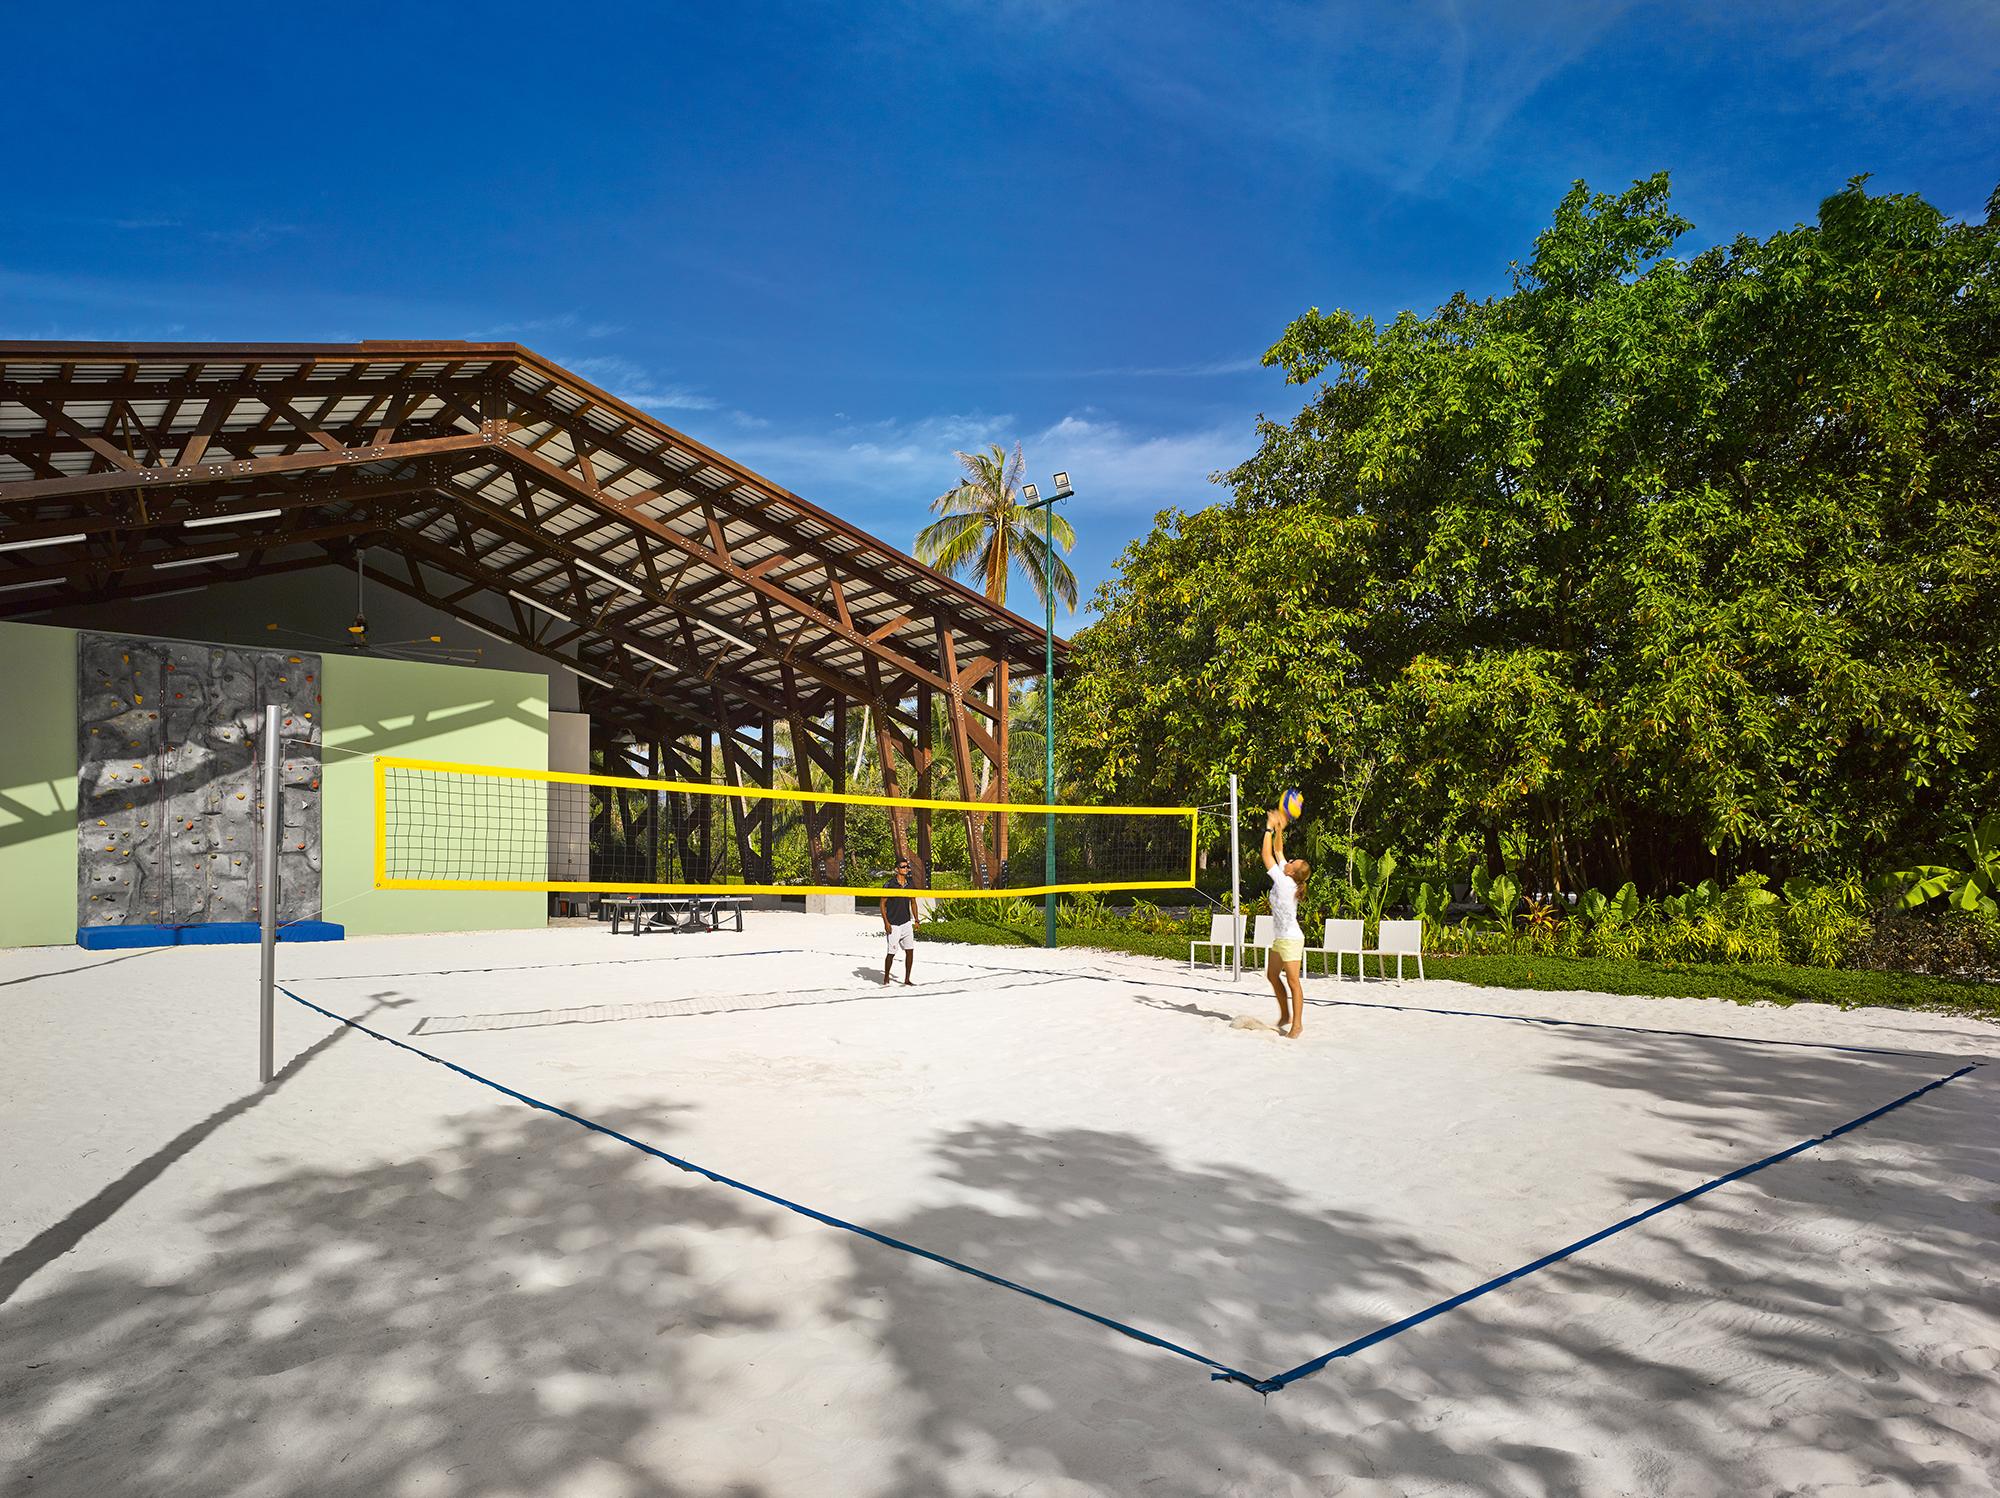 Velaa-Volleyball-court.jpg